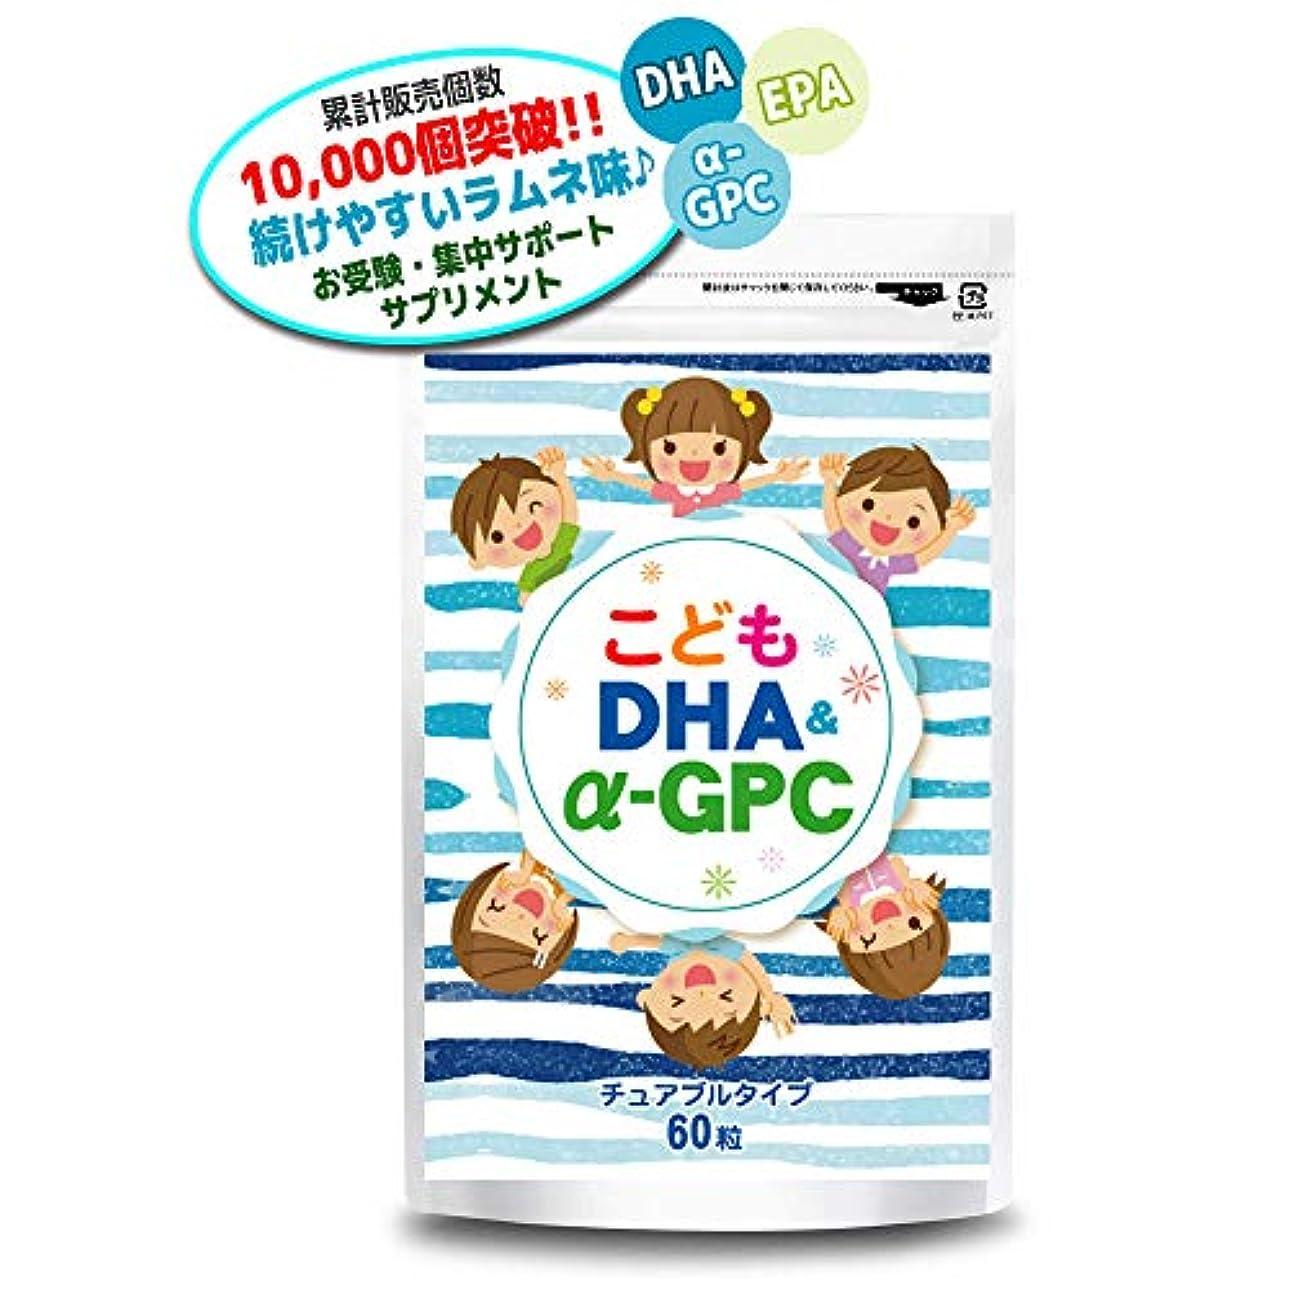 スキーム出発挨拶するこども DHA&α-GPC DHA EPA α-GPC ホスファチジルセリン 配合 【集中?学習特化型サプリメント】 60粒約30日分